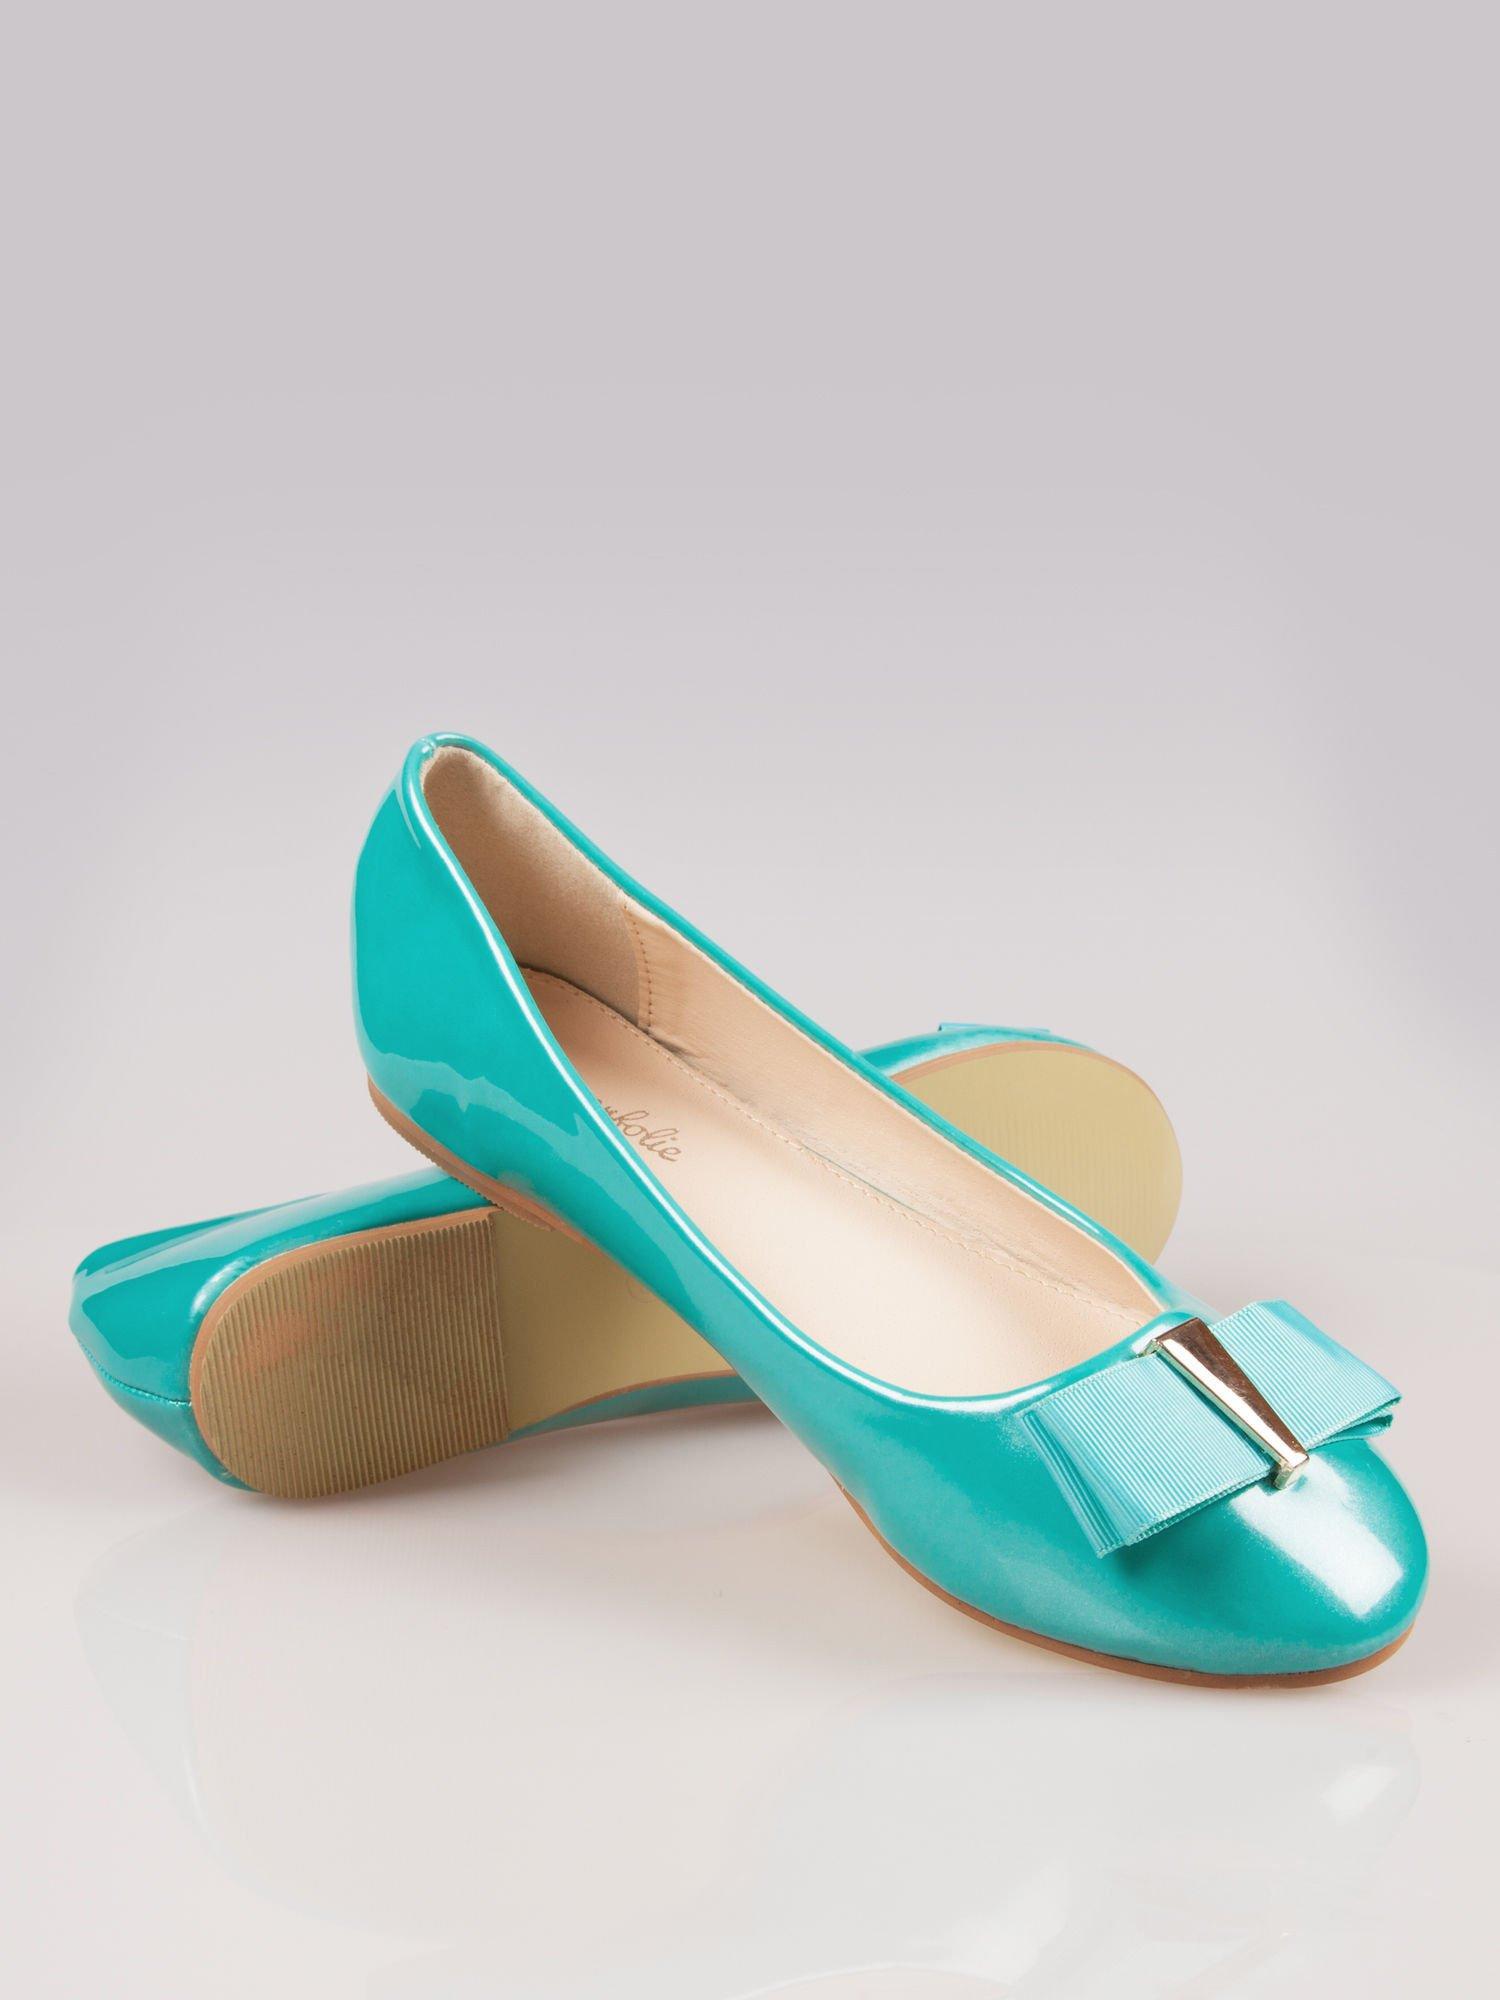 Niebieskozielone błyszczące balerinki faux leather Melanie z kokardką                                  zdj.                                  2